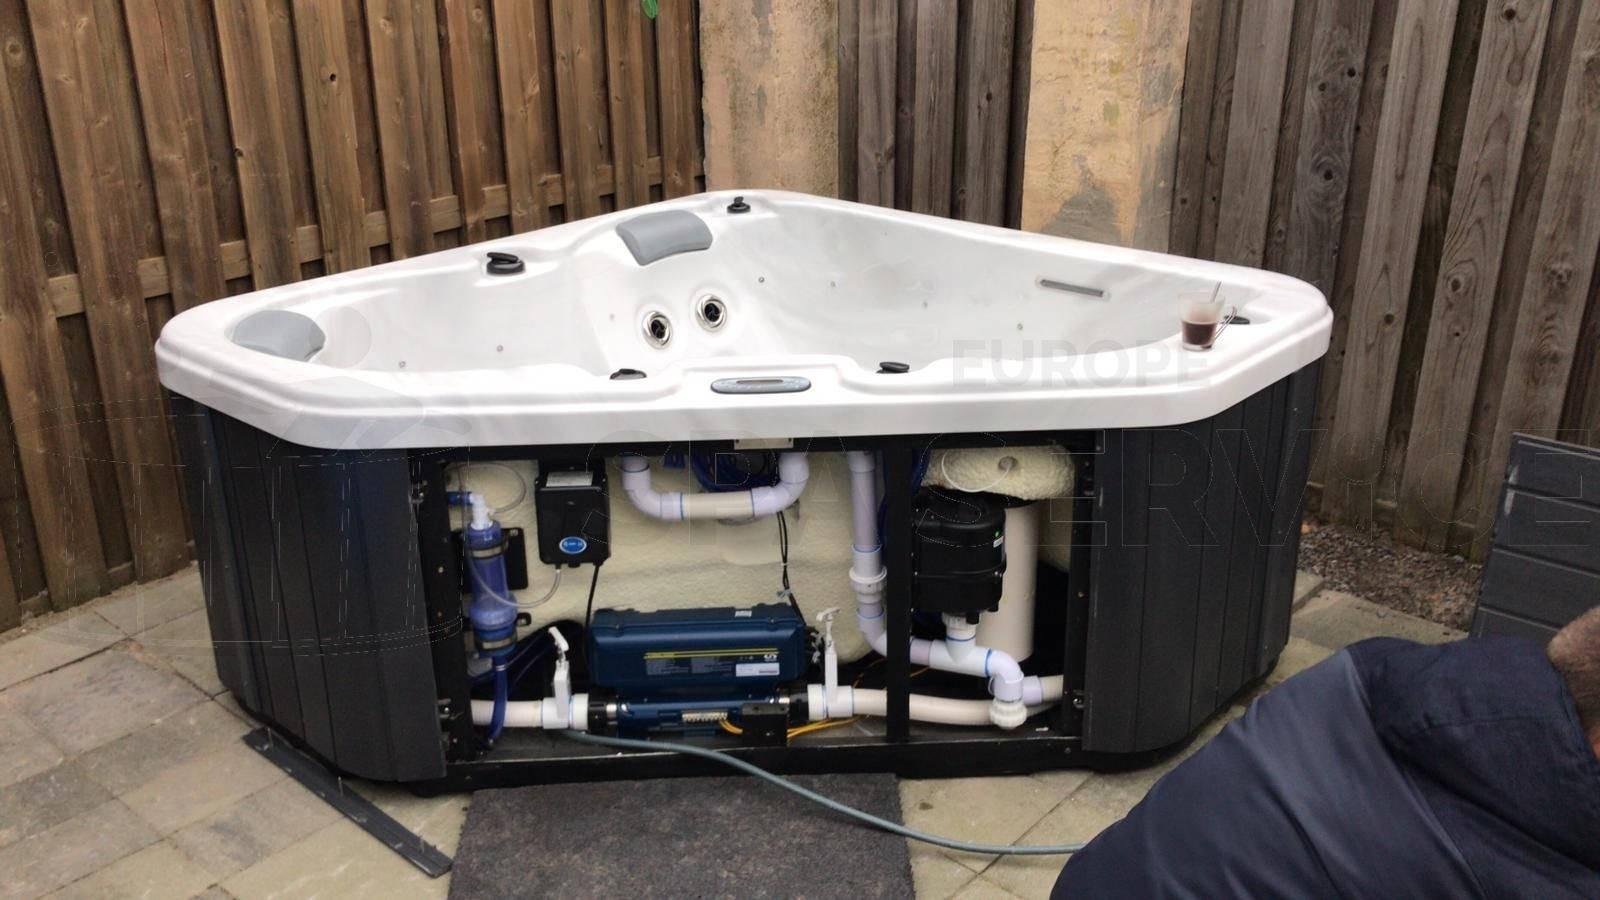 Plaatsing van een Allseas Lover Tub spa in Brielle